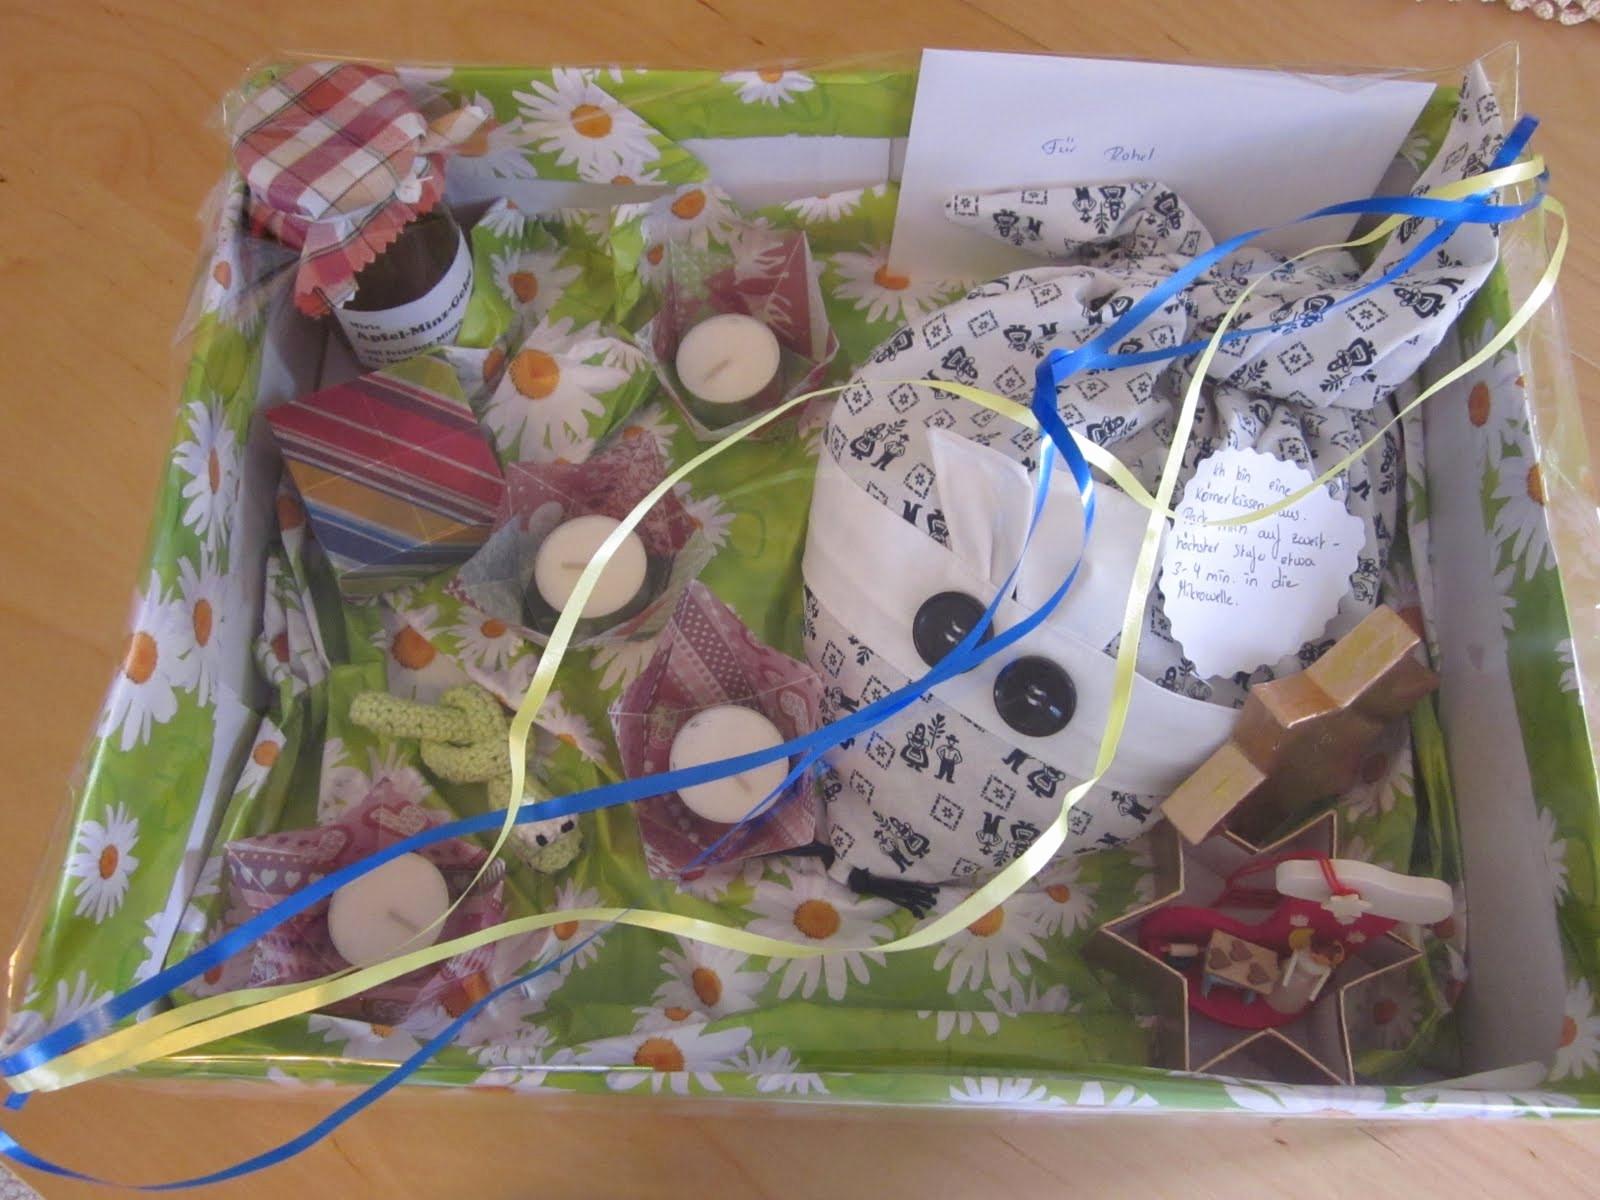 Geschenke Zum 14 Geburtstag  Geschenkideen 18 Geburtstag Selber Machen Ostseesuche